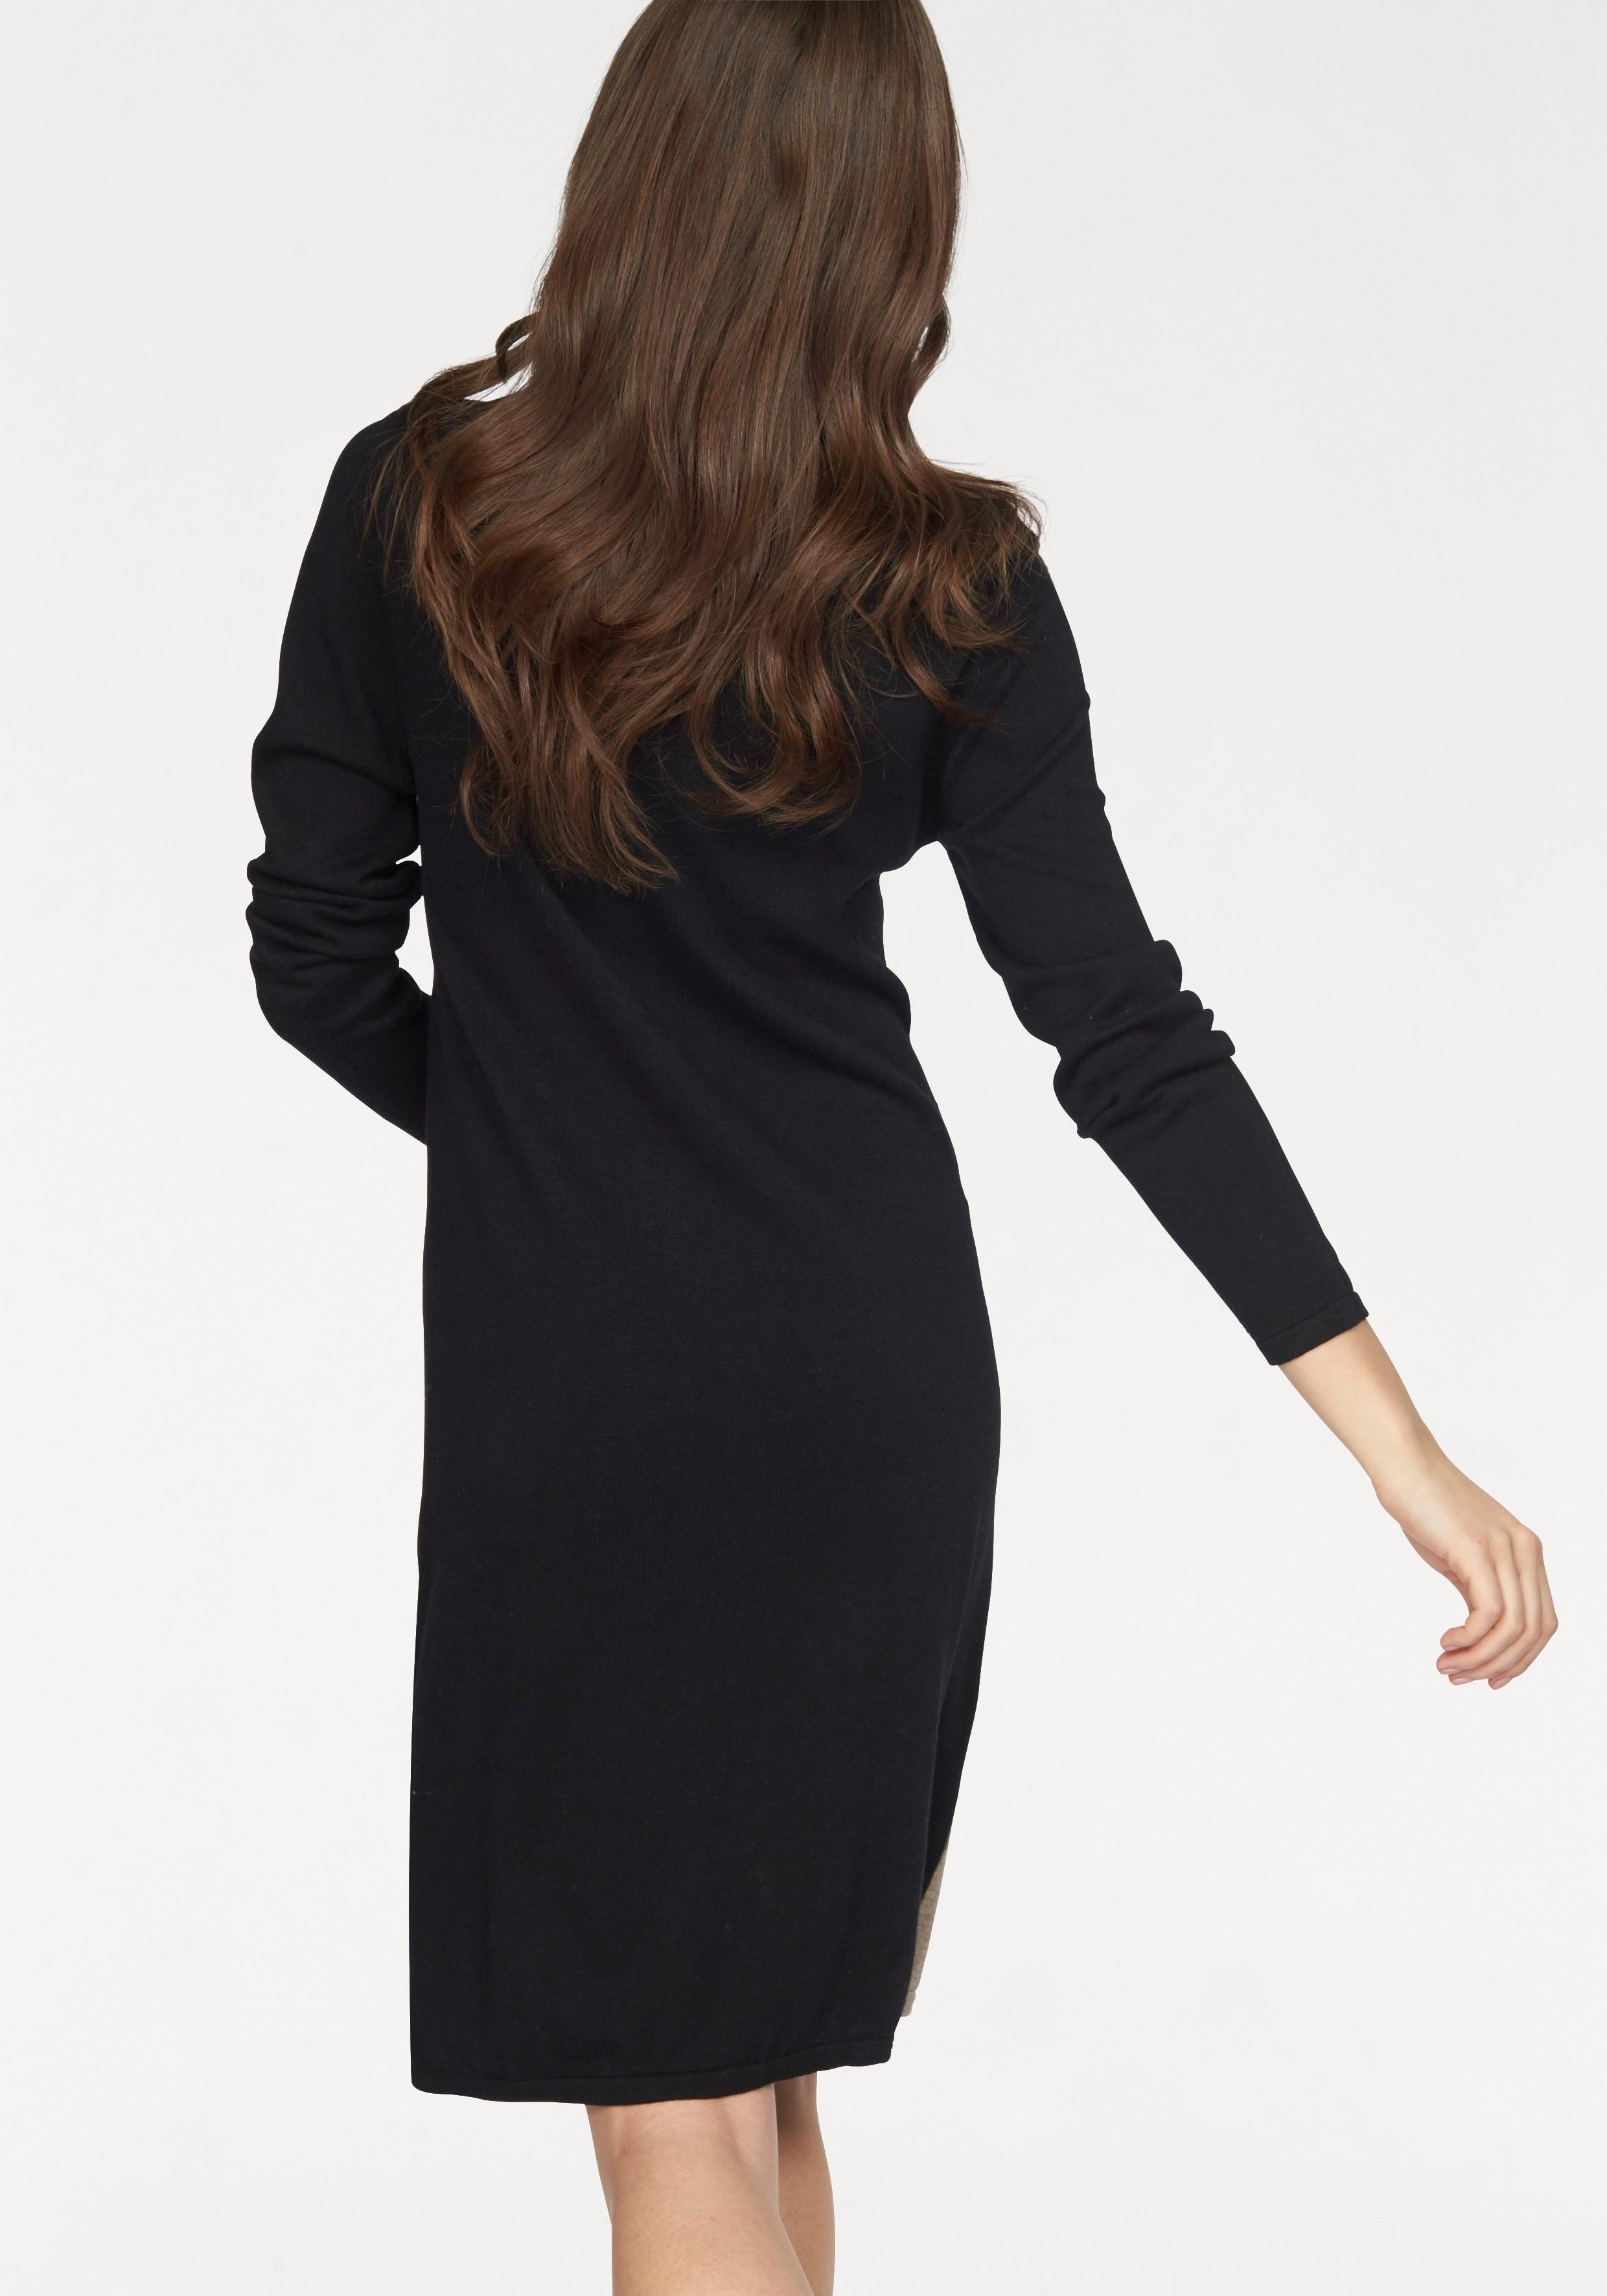 In Boysen's jurk Online Shop Lengte Tricot Knievrije 8PymNn0vwO